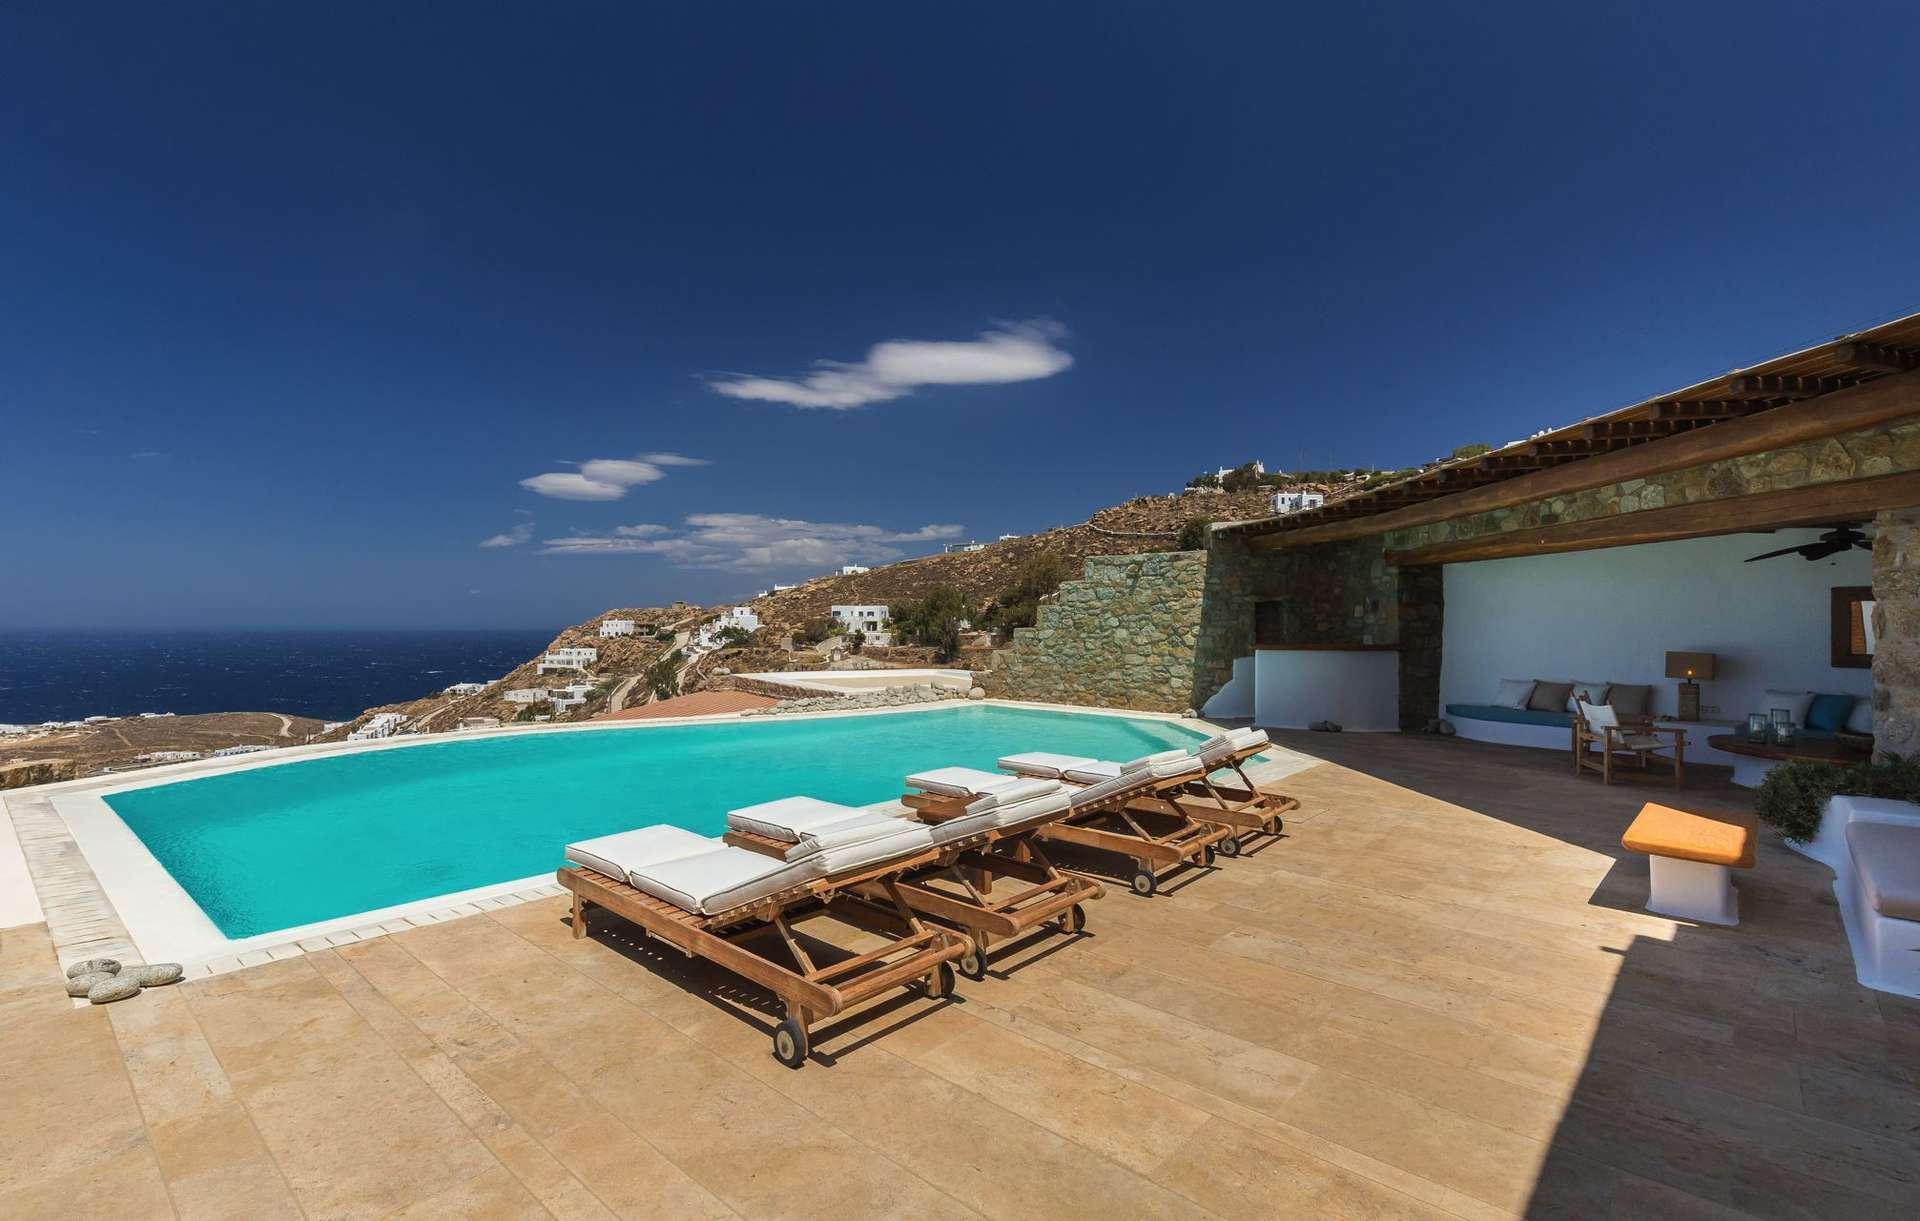 Luxury vacation rentals europe - Greece - Mykonos - Agios stefanos - Phos - Image 1/26